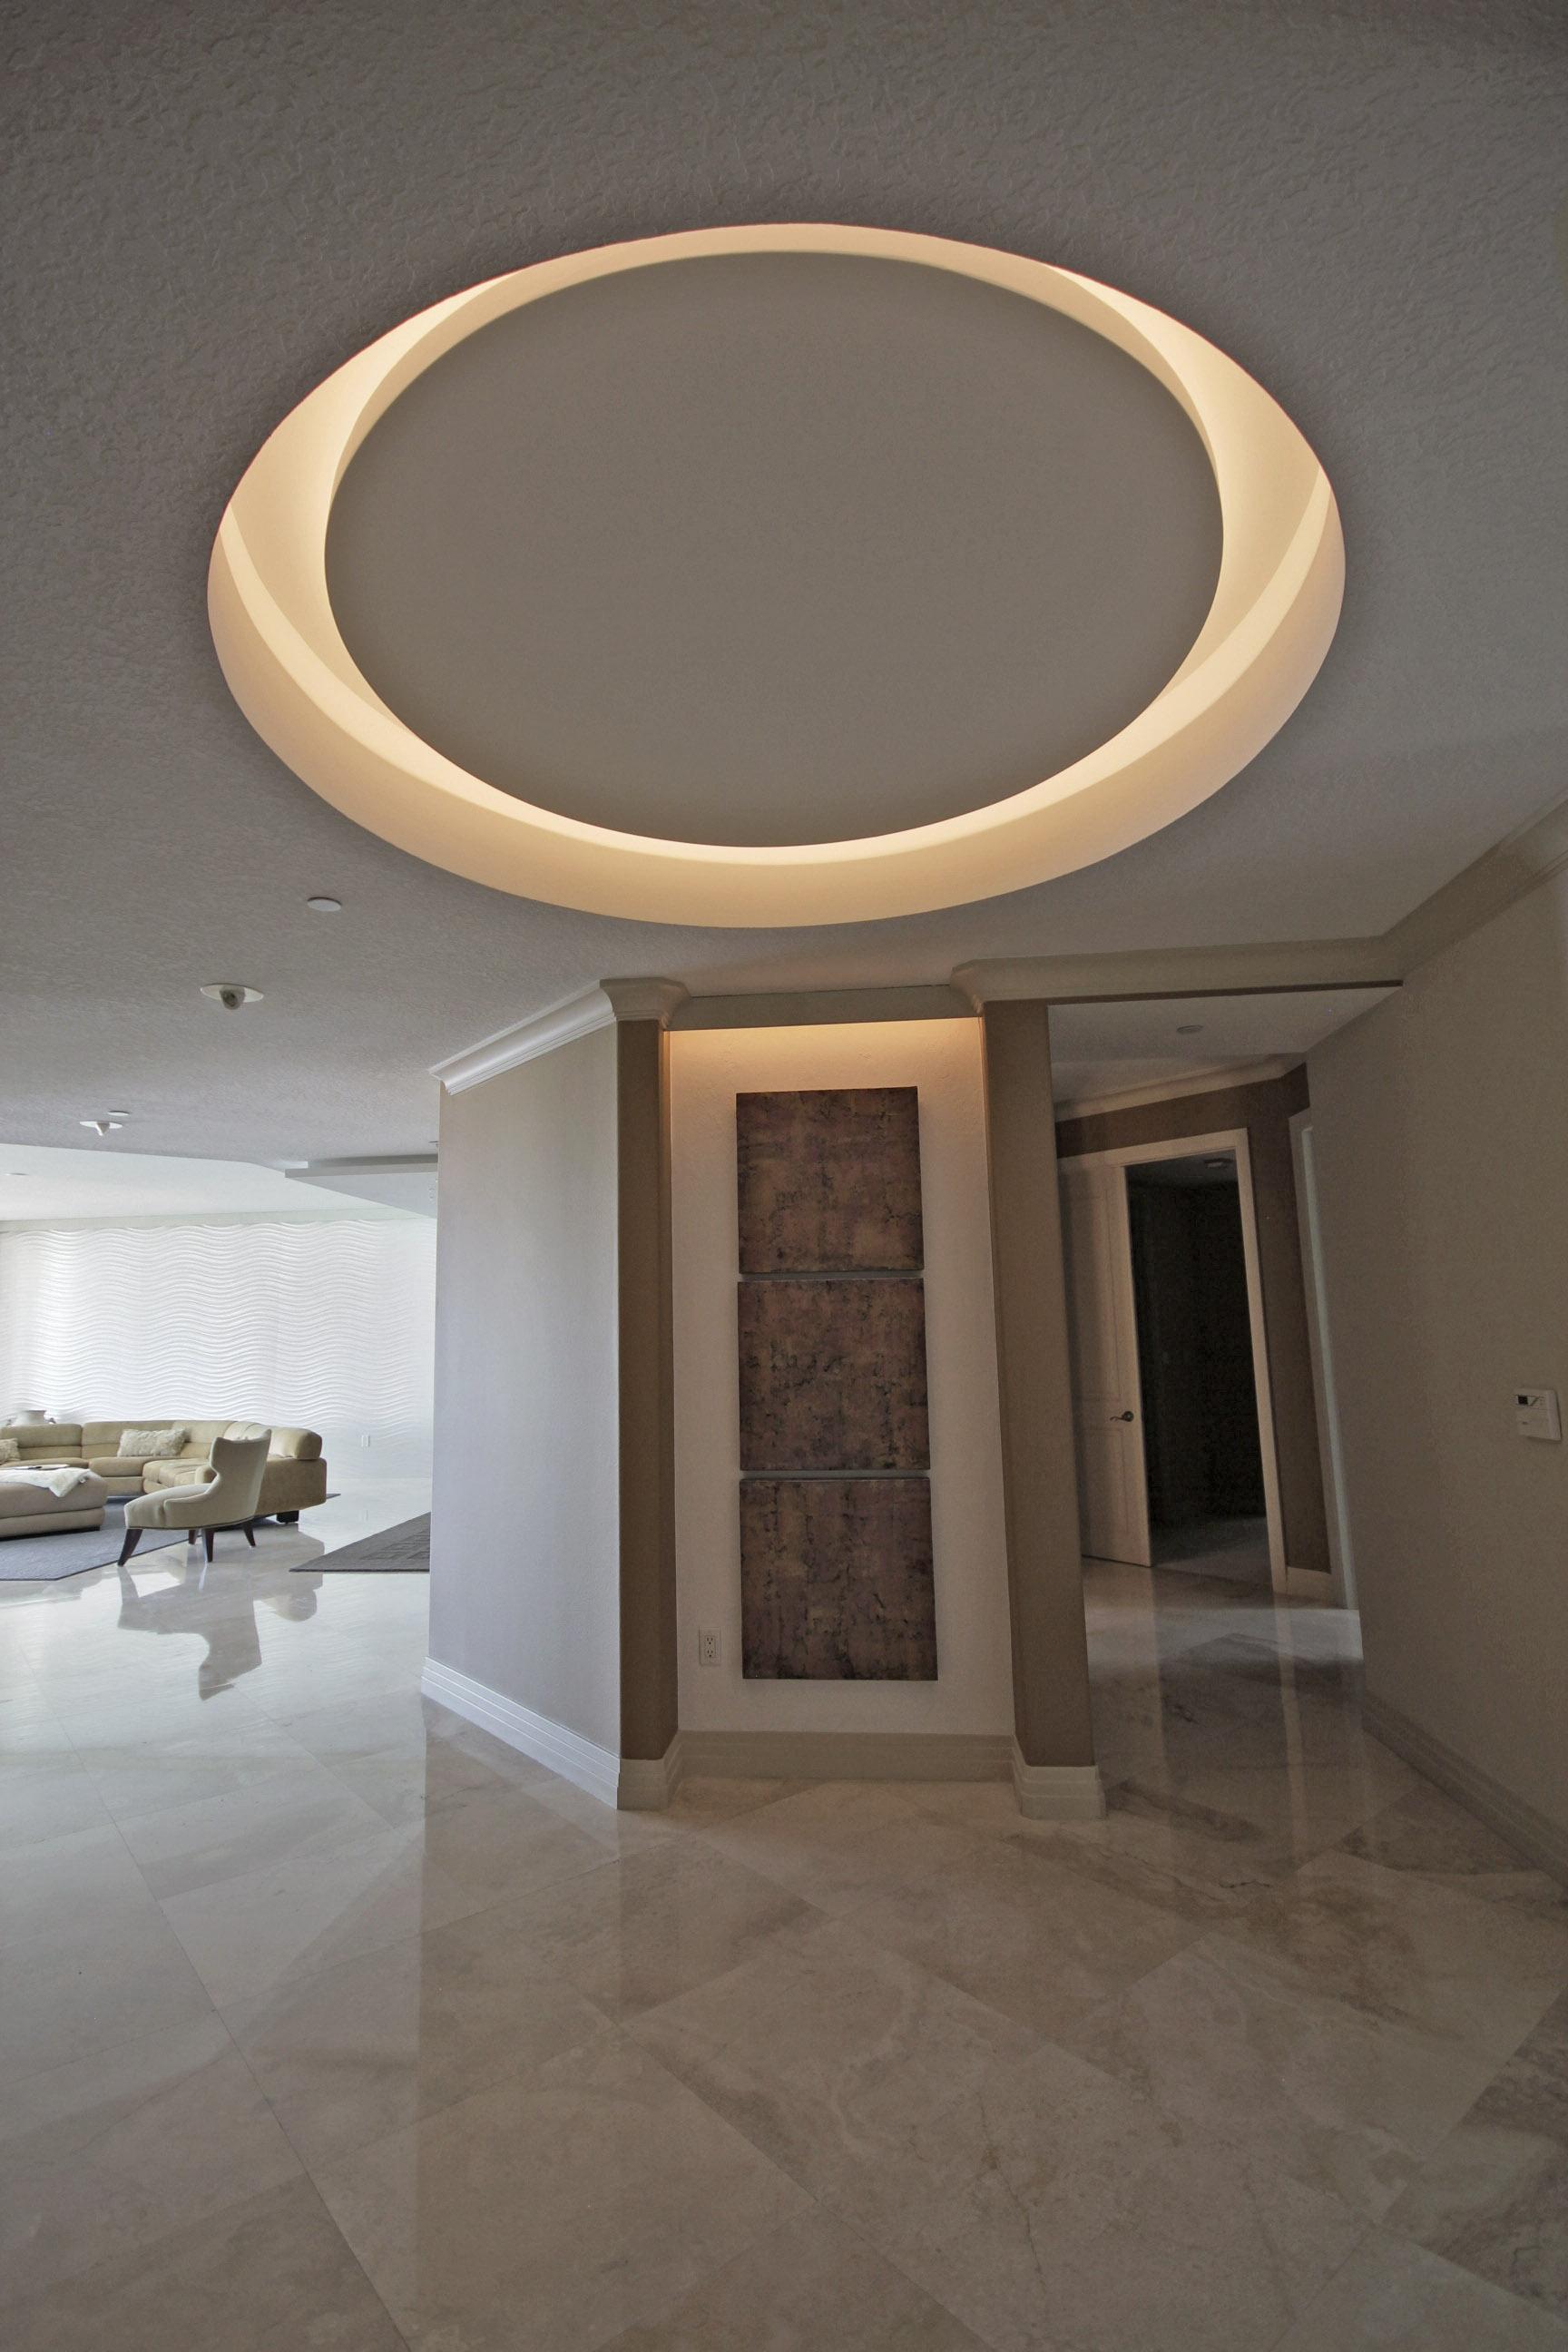 Круглый потолок с подсветкой